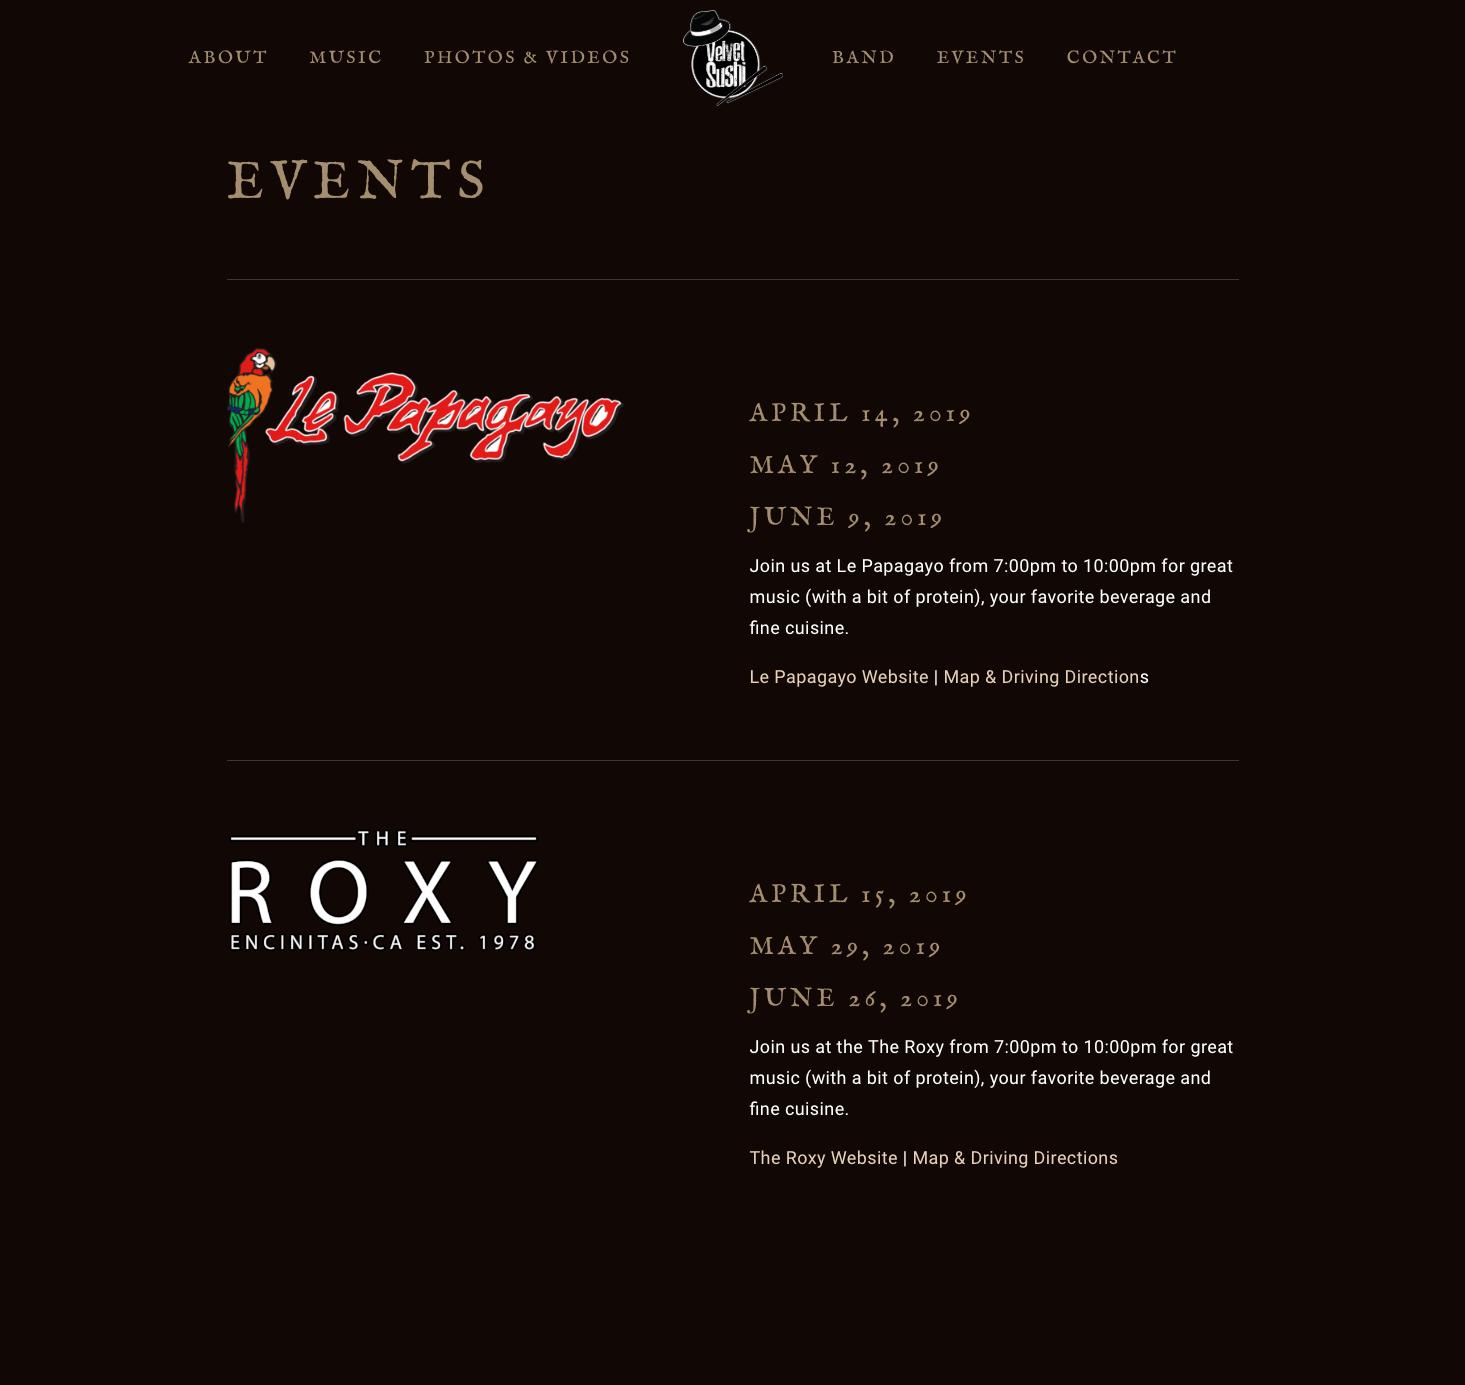 Velvet-Sushi-Jazz-Band-Website-Design-Events-Page